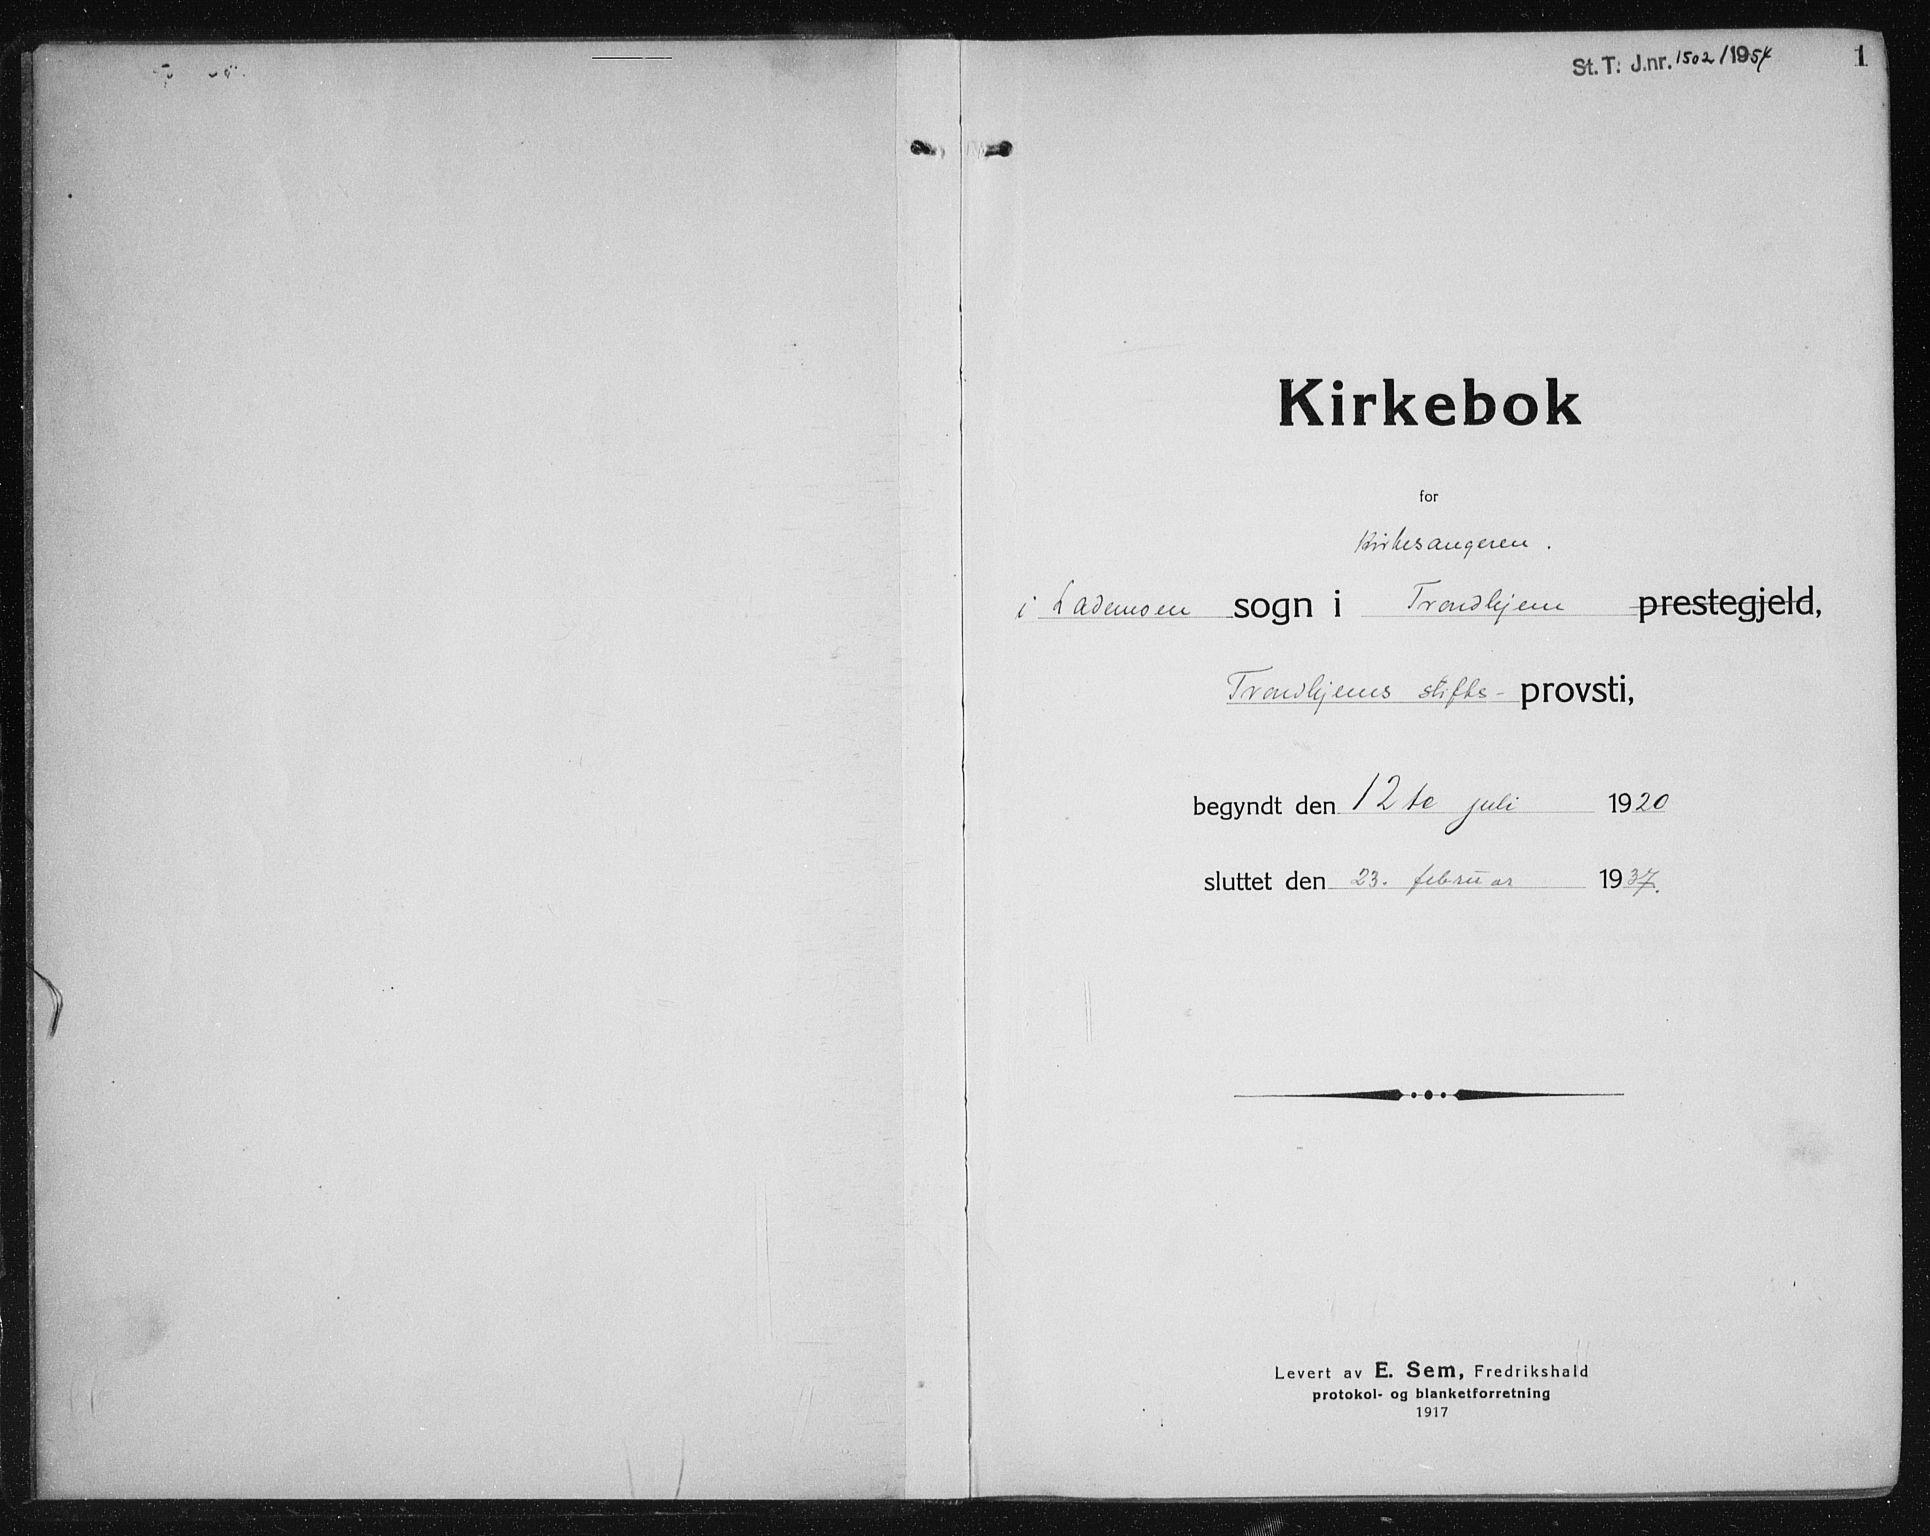 SAT, Ministerialprotokoller, klokkerbøker og fødselsregistre - Sør-Trøndelag, 605/L0259: Klokkerbok nr. 605C06, 1920-1937, s. 1